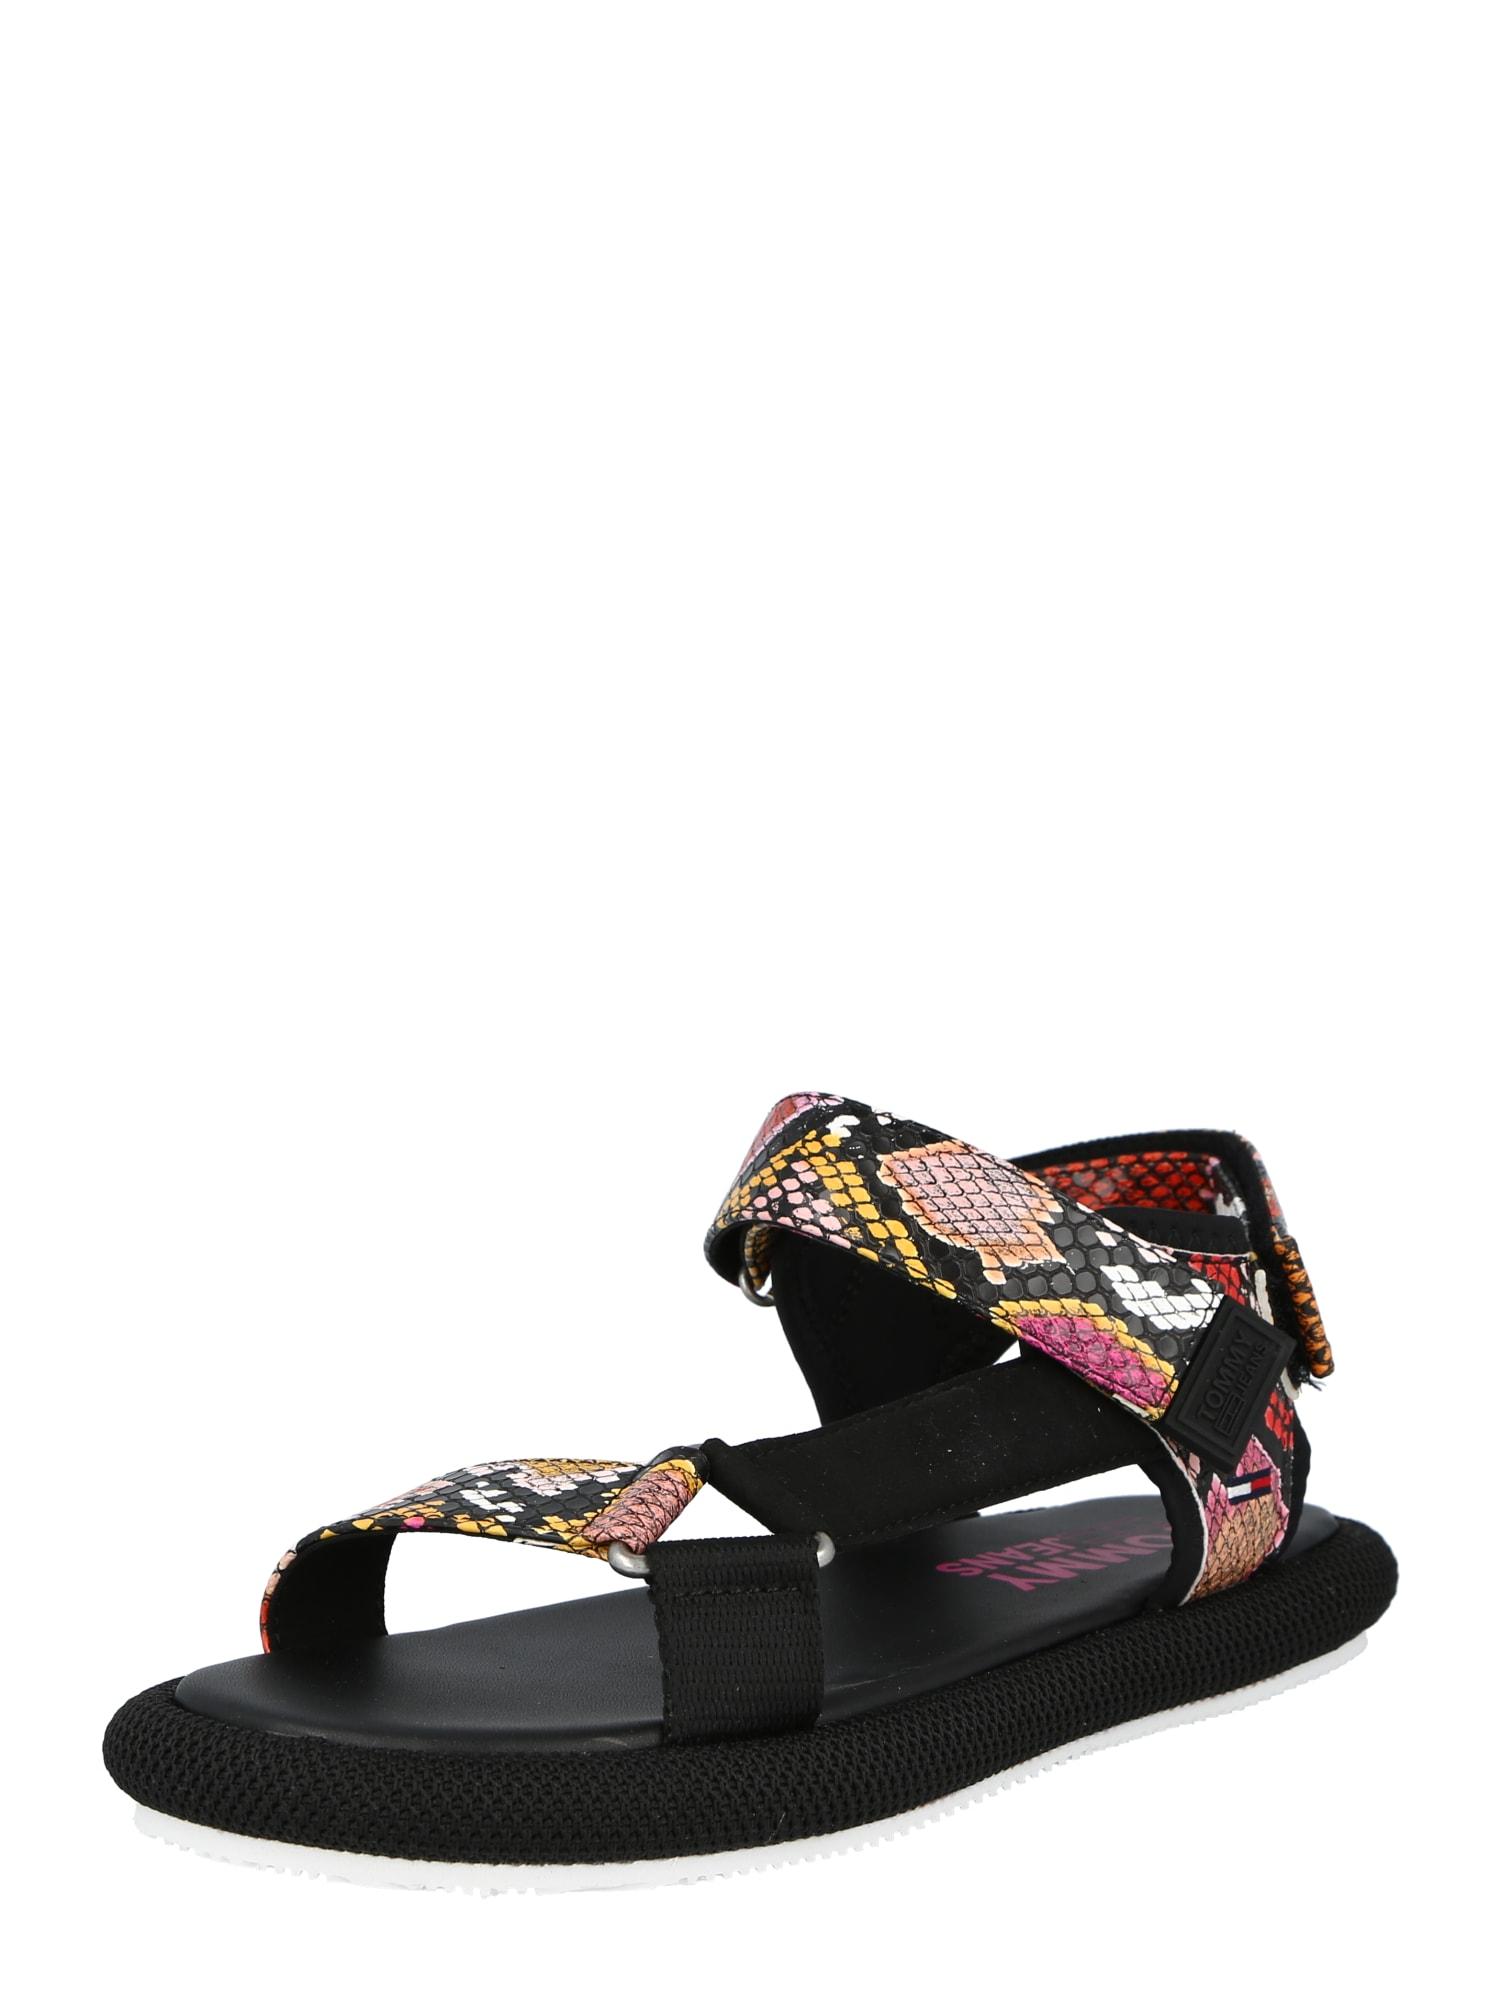 Tommy Jeans Sandalai juoda / mišrios spalvos